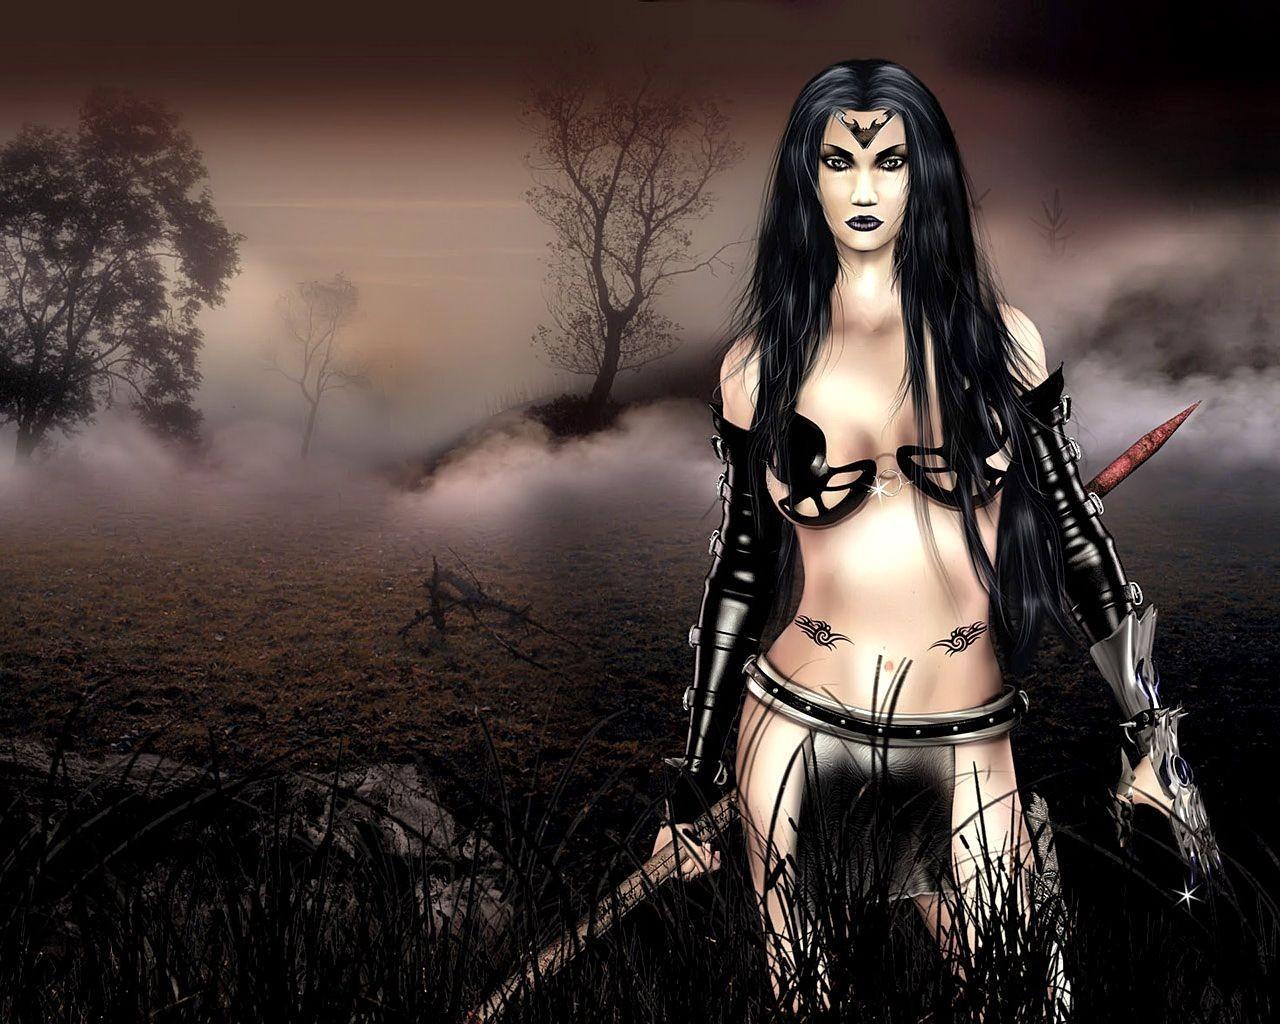 http://2.bp.blogspot.com/-ADomVu6JBWE/TkjeLROm7JI/AAAAAAAACD4/dx51aVetfw4/s1600/wallpaper%252012.jpg